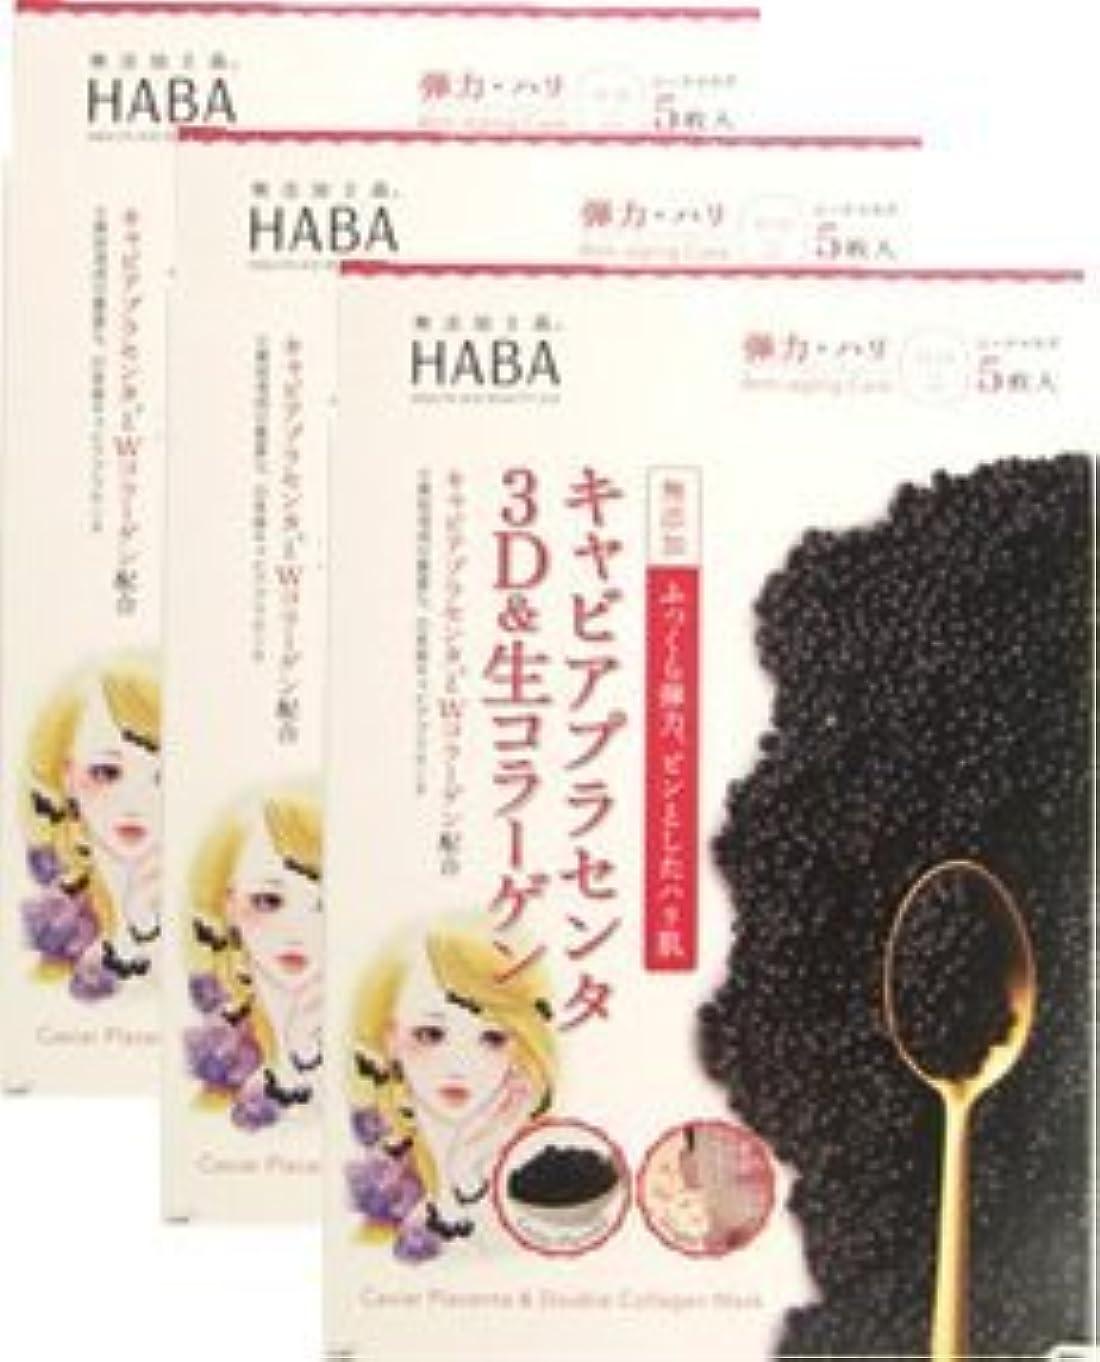 韻腸神経HABA キャビアプラセンタ コラーゲンマスク 5包入り(箱入) 3個セット